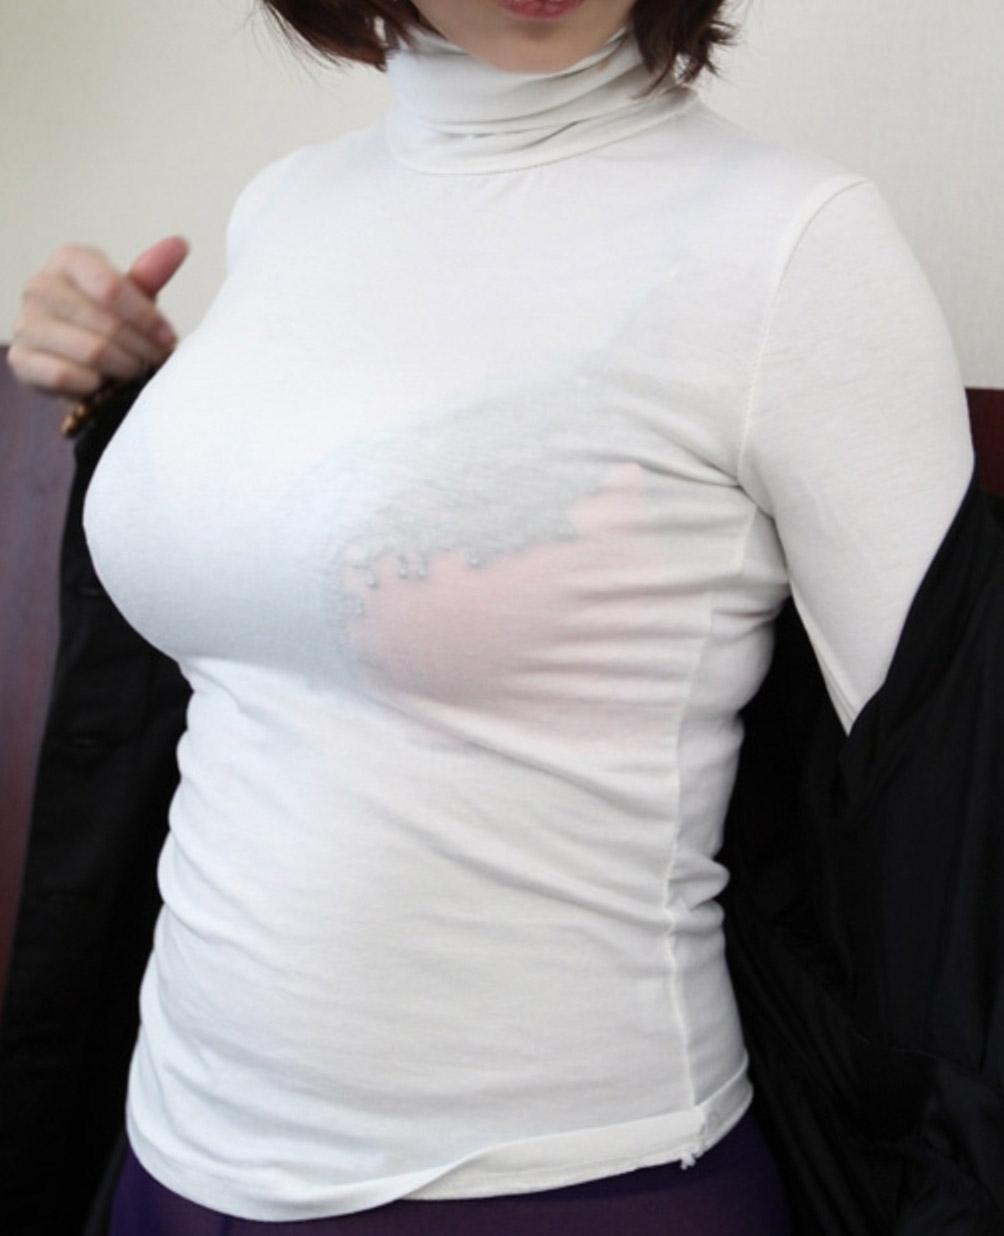 【おっぱい】プロがエロを追求した着衣巨乳は素人さんの街撮りよりもエロかったwww【33枚】 27